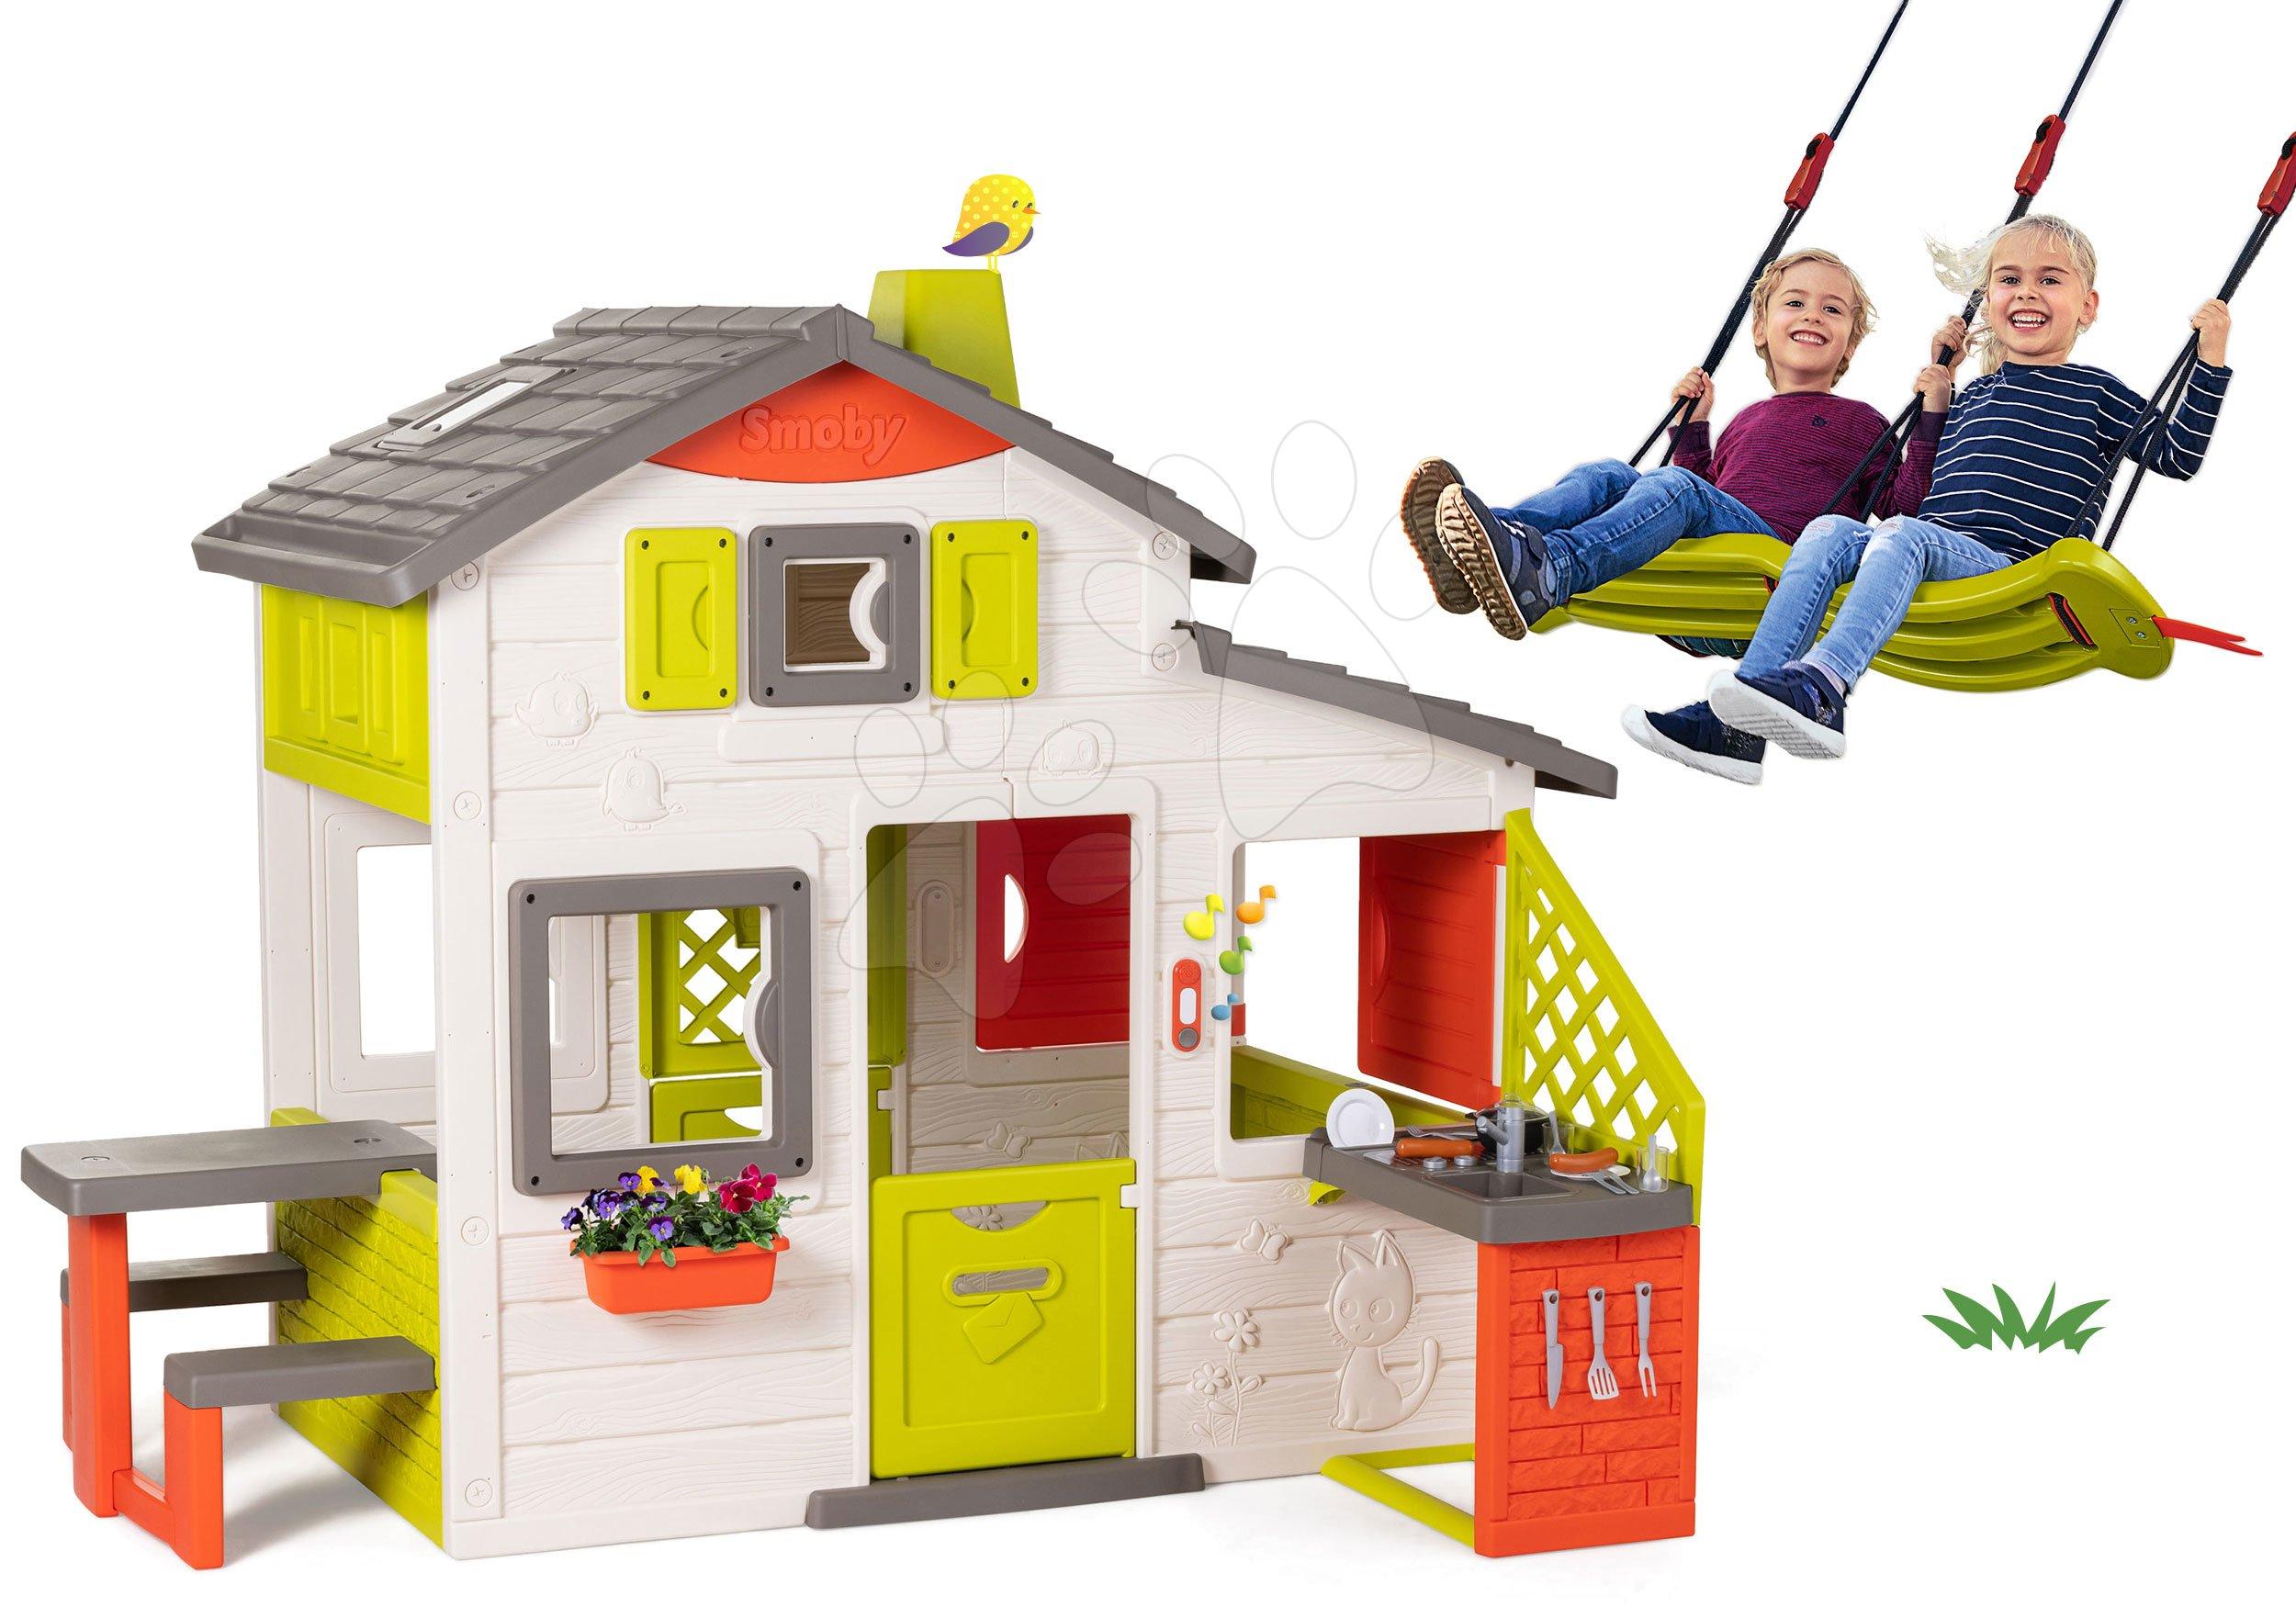 Set domček Priateľov Smoby s kuchynkou a závesná hojdačka pre dve deti výškovo nastaviteľná